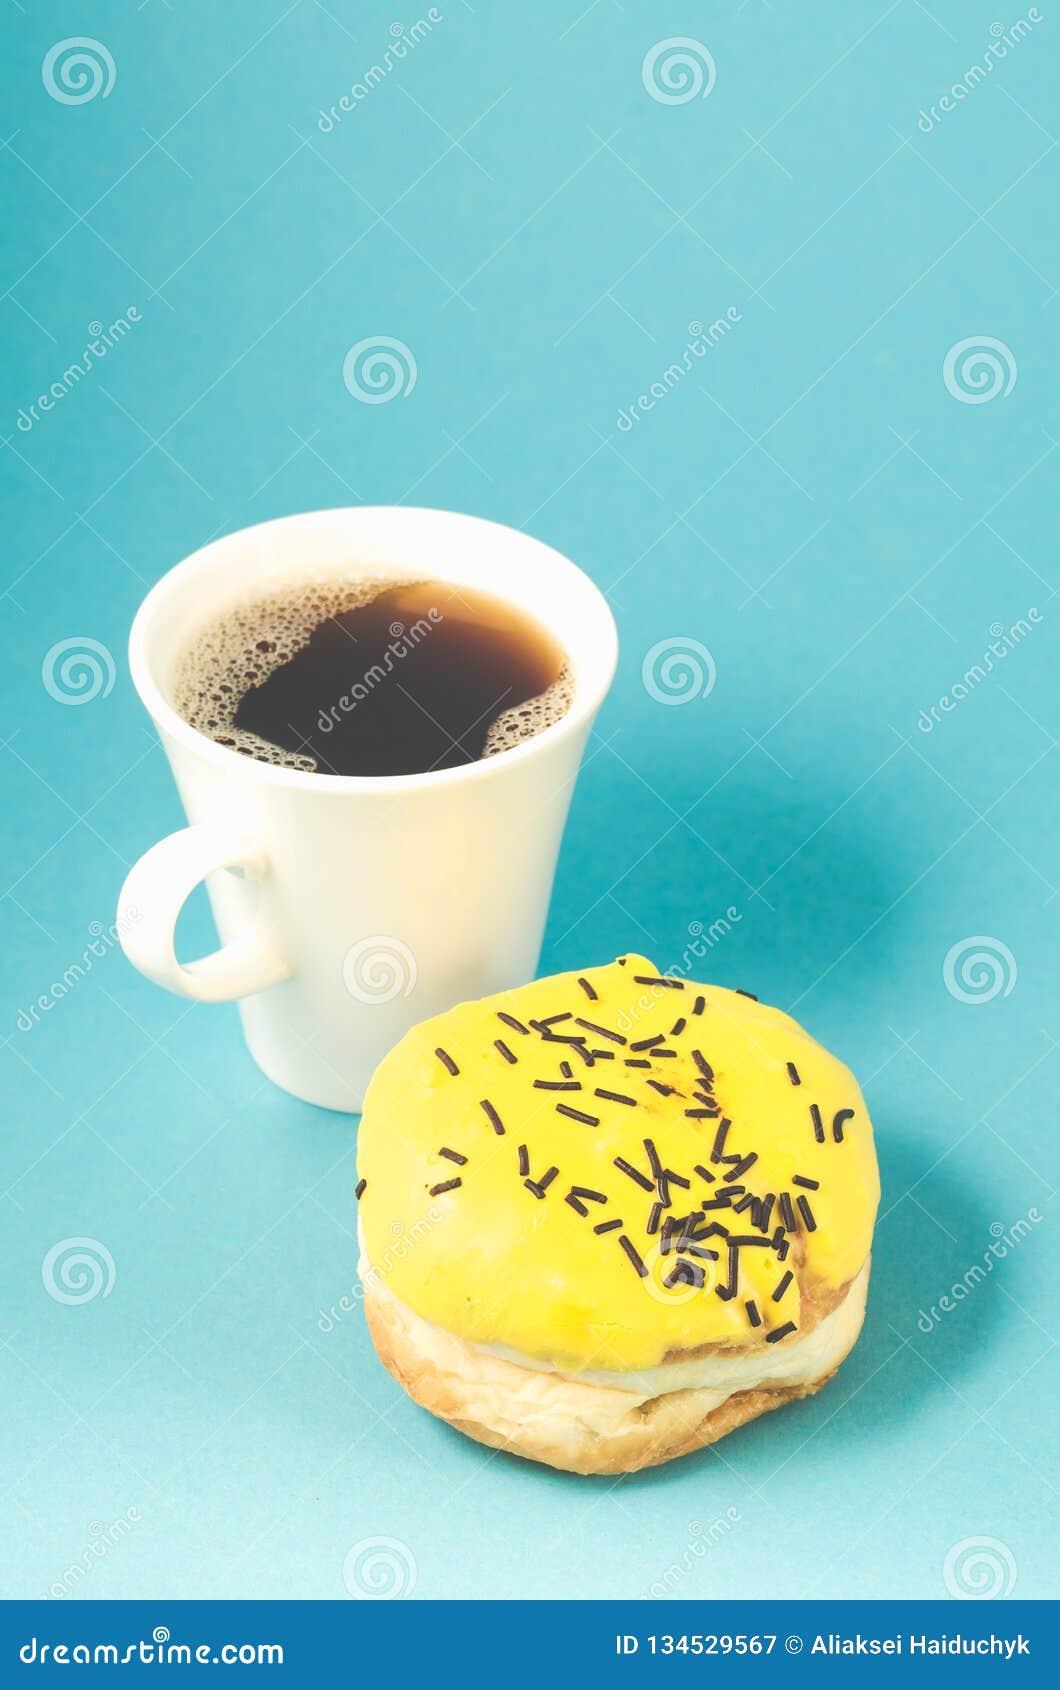 De doughnut en coffe vormt geïsoleerd op blauwe achtergrond /Donut in gele glans en witte coffekop op blauwe achtergrond tot een